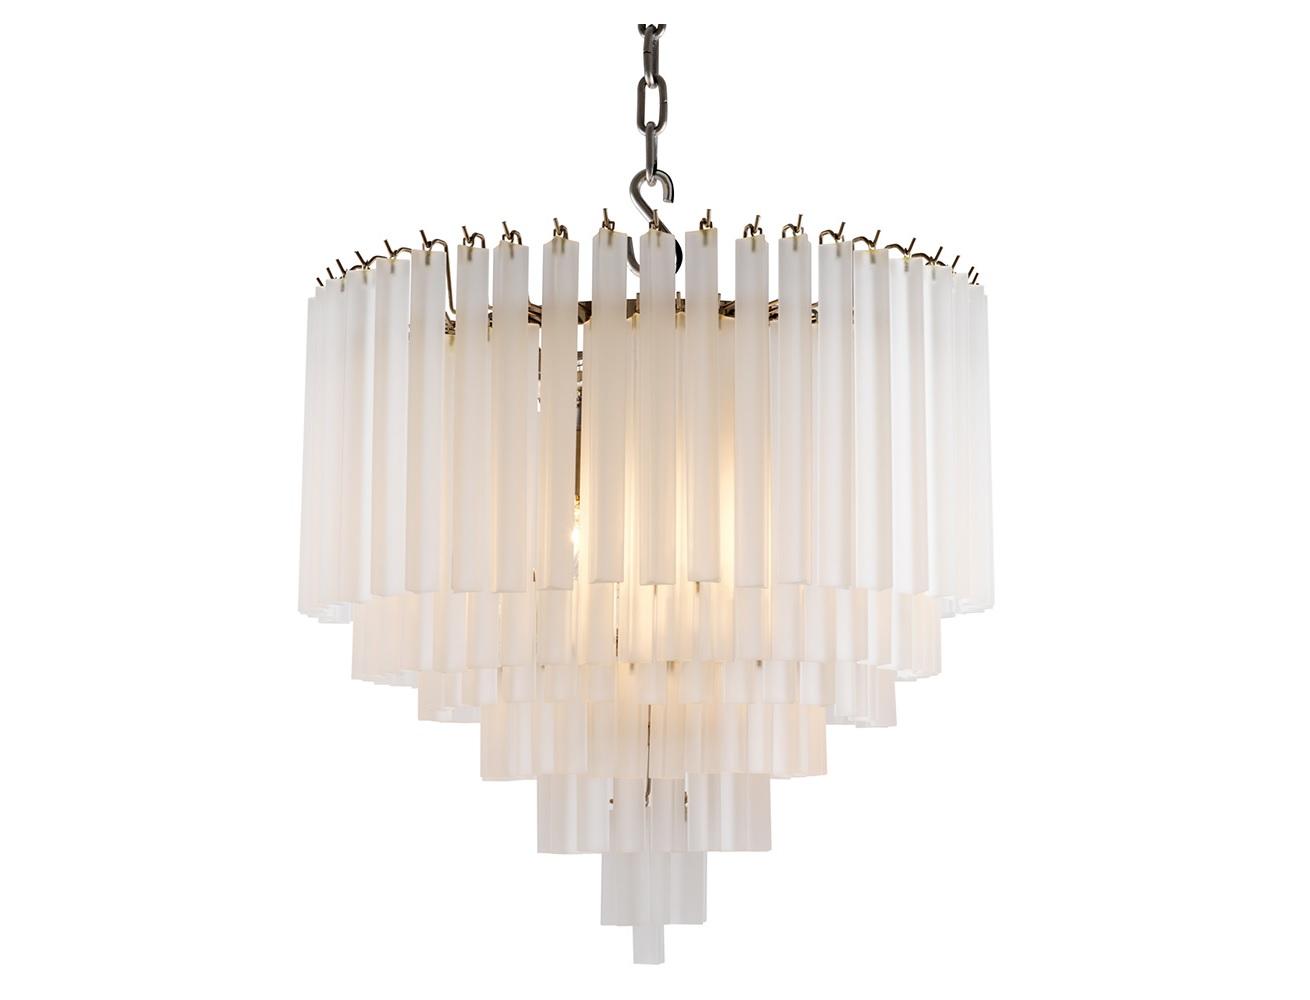 Подвесная люстра NovaЛюстры подвесные<br>Подвесной светильник из коллекции Nova на никелированной арматуре. Плафон выполнен из многоуровневых пластин из стекла матового белого цвета. Высота светильника регулируется за счет звеньев цепи.&amp;lt;div&amp;gt;&amp;lt;br&amp;gt;&amp;lt;/div&amp;gt;&amp;lt;div&amp;gt;&amp;lt;div&amp;gt;Вид цоколя: E14&amp;lt;/div&amp;gt;&amp;lt;div&amp;gt;Мощность лампы: 40W&amp;lt;/div&amp;gt;&amp;lt;div&amp;gt;Количество ламп: 9&amp;lt;/div&amp;gt;&amp;lt;div&amp;gt;&amp;lt;br&amp;gt;&amp;lt;/div&amp;gt;&amp;lt;div&amp;gt;Лампочки в комплект не входят.&amp;lt;/div&amp;gt;&amp;lt;/div&amp;gt;<br><br>Material: Стекло<br>Ширина см: 60.0<br>Высота см: 60.0<br>Глубина см: 60.0